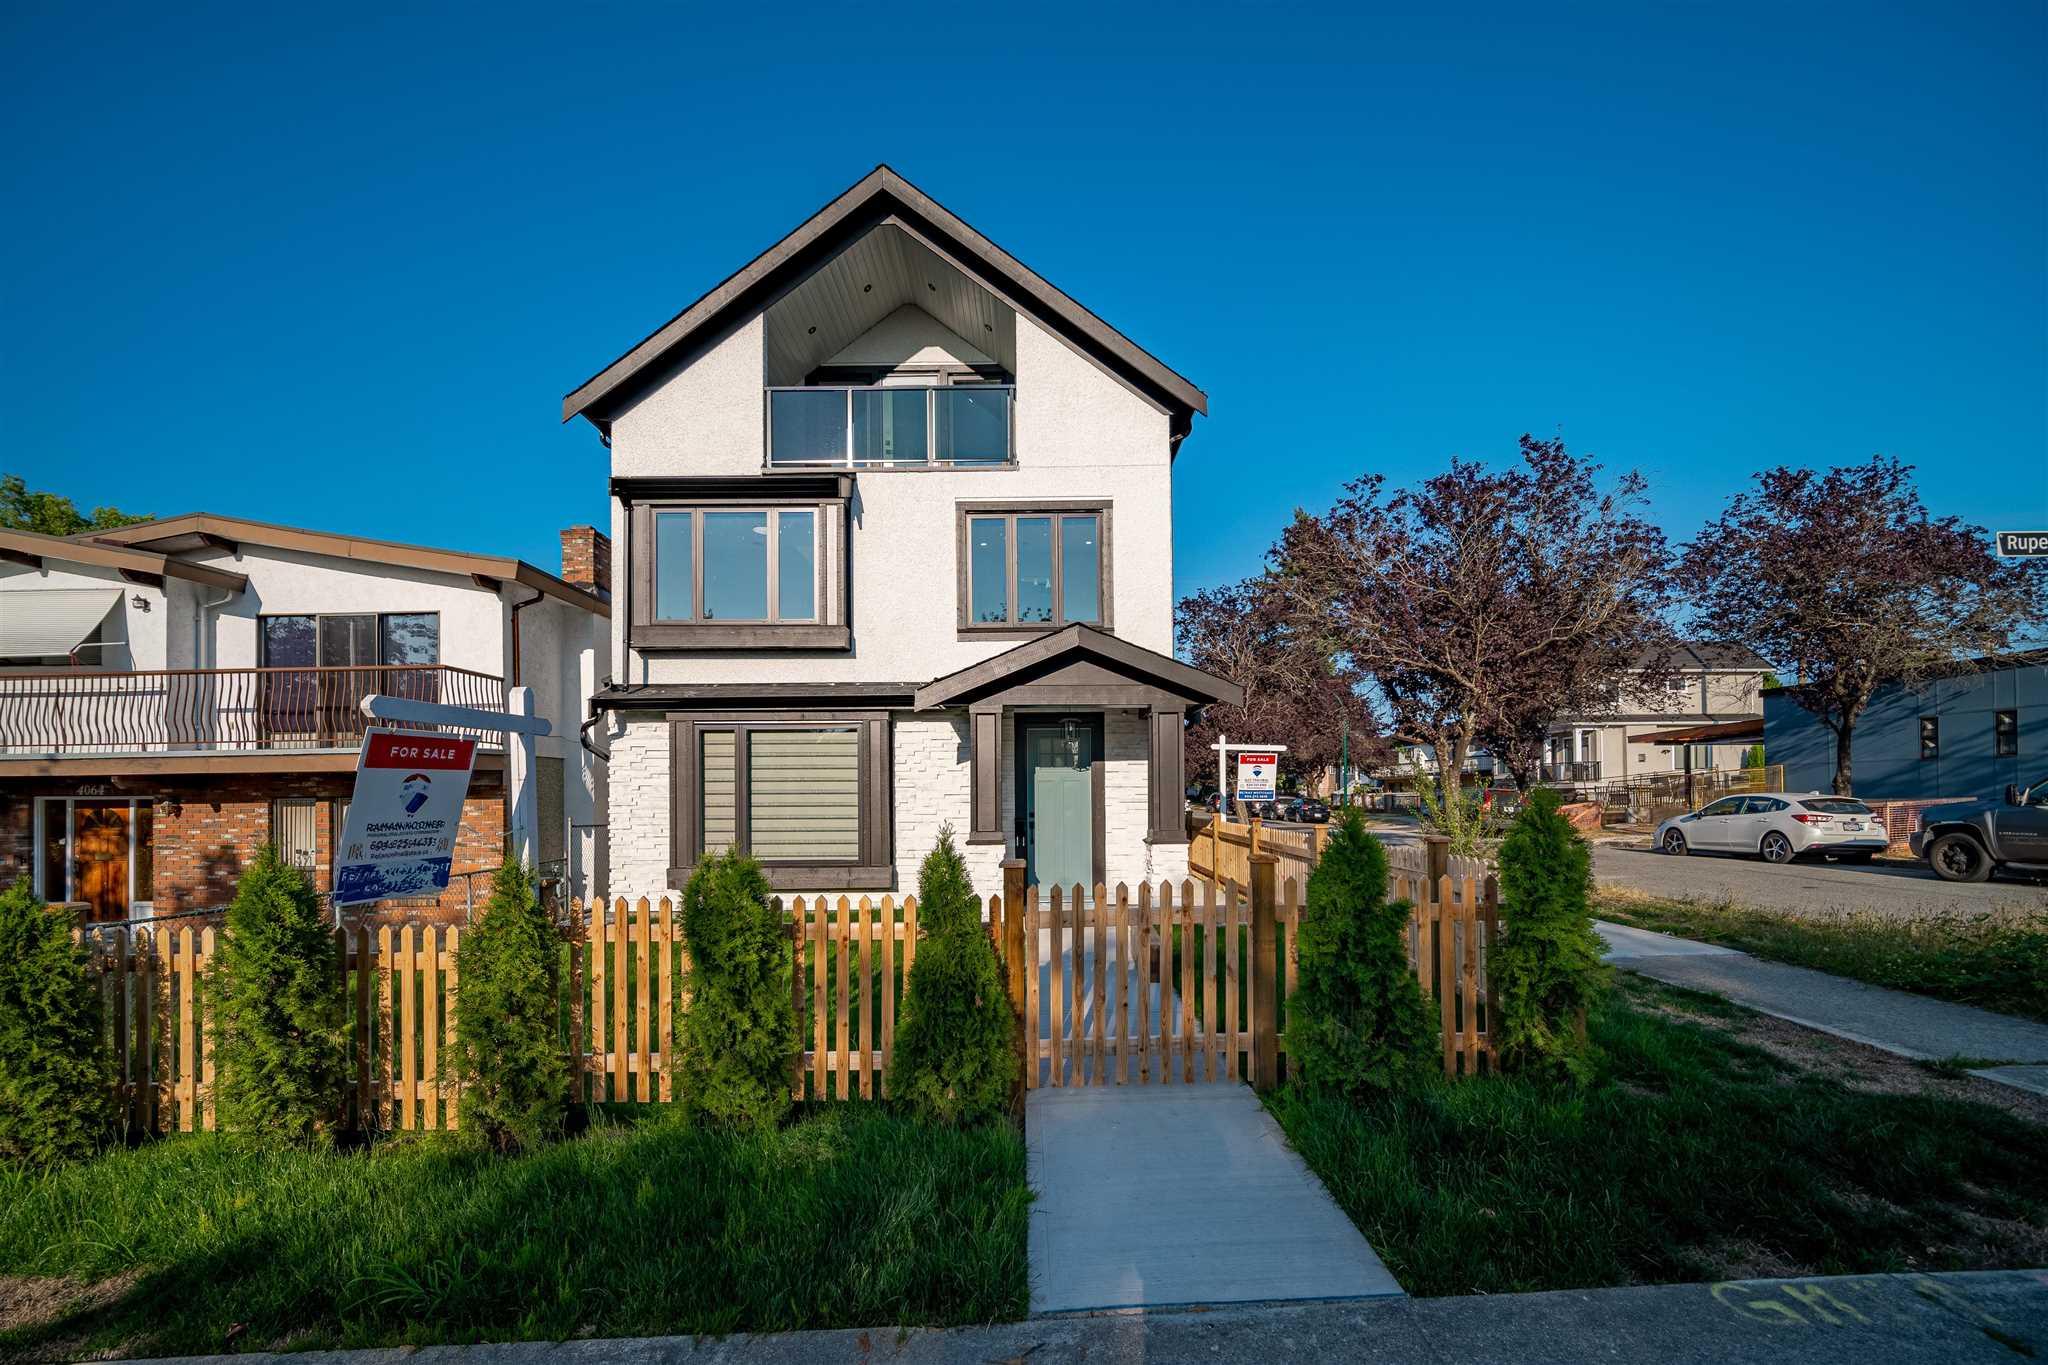 3301 E 25 AVENUE - Renfrew Heights 1/2 Duplex for sale, 3 Bedrooms (R2619665) - #1